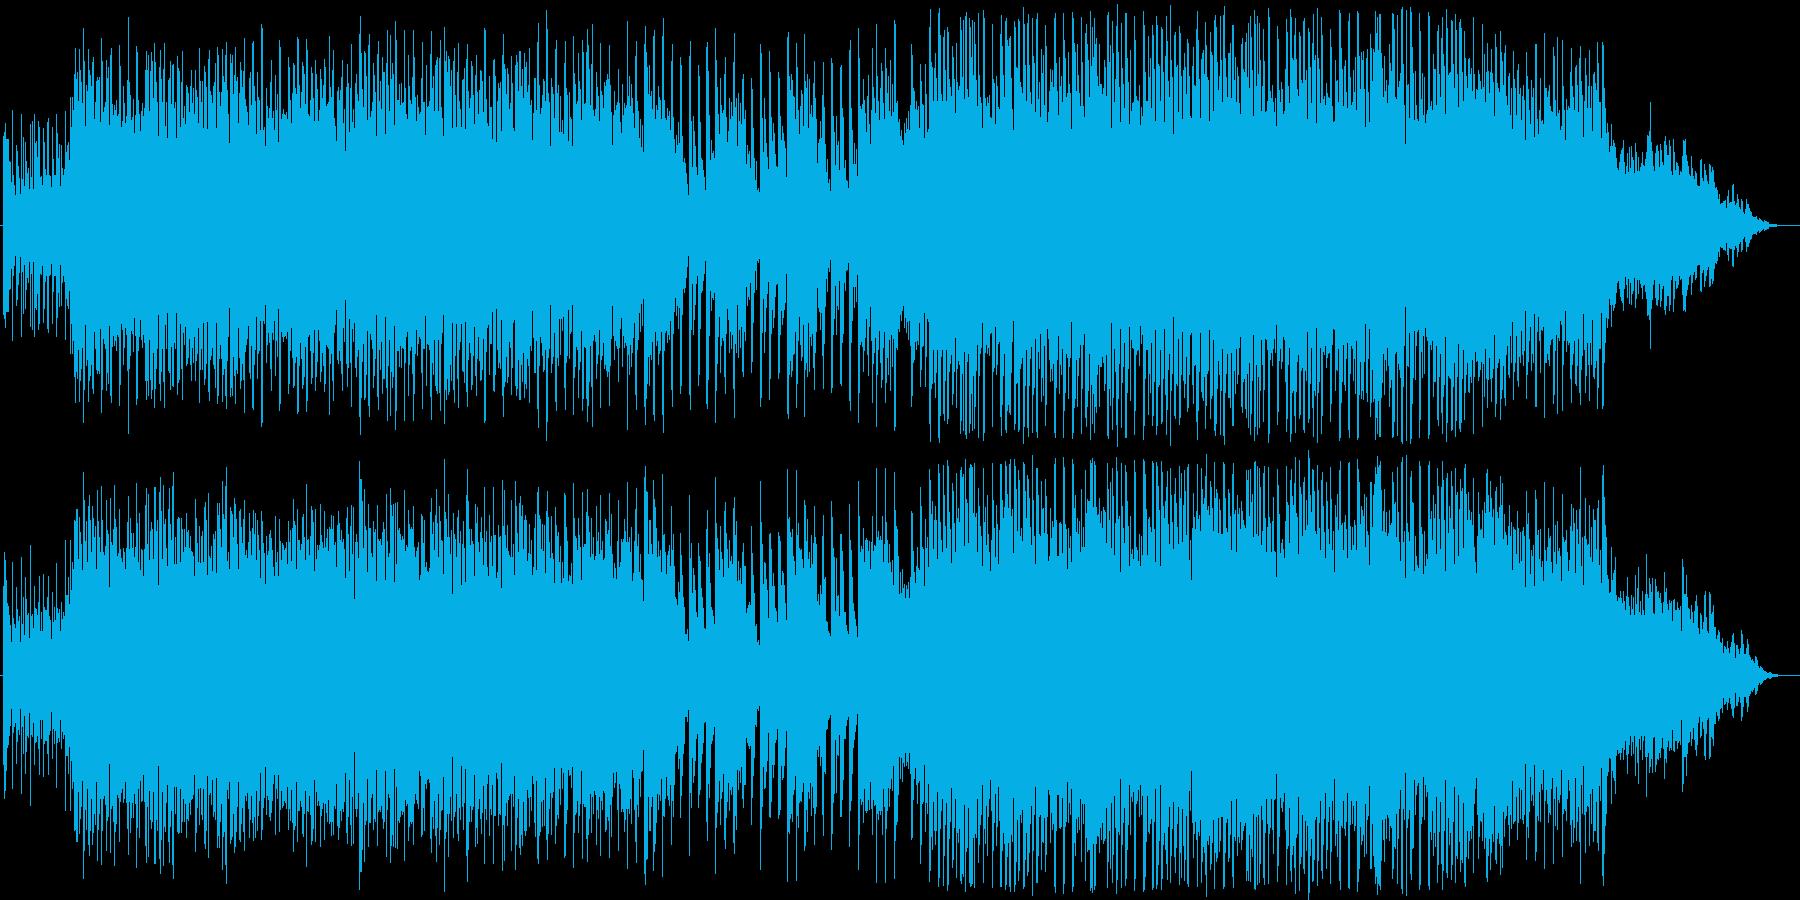 懐かしい雰囲気の再生済みの波形